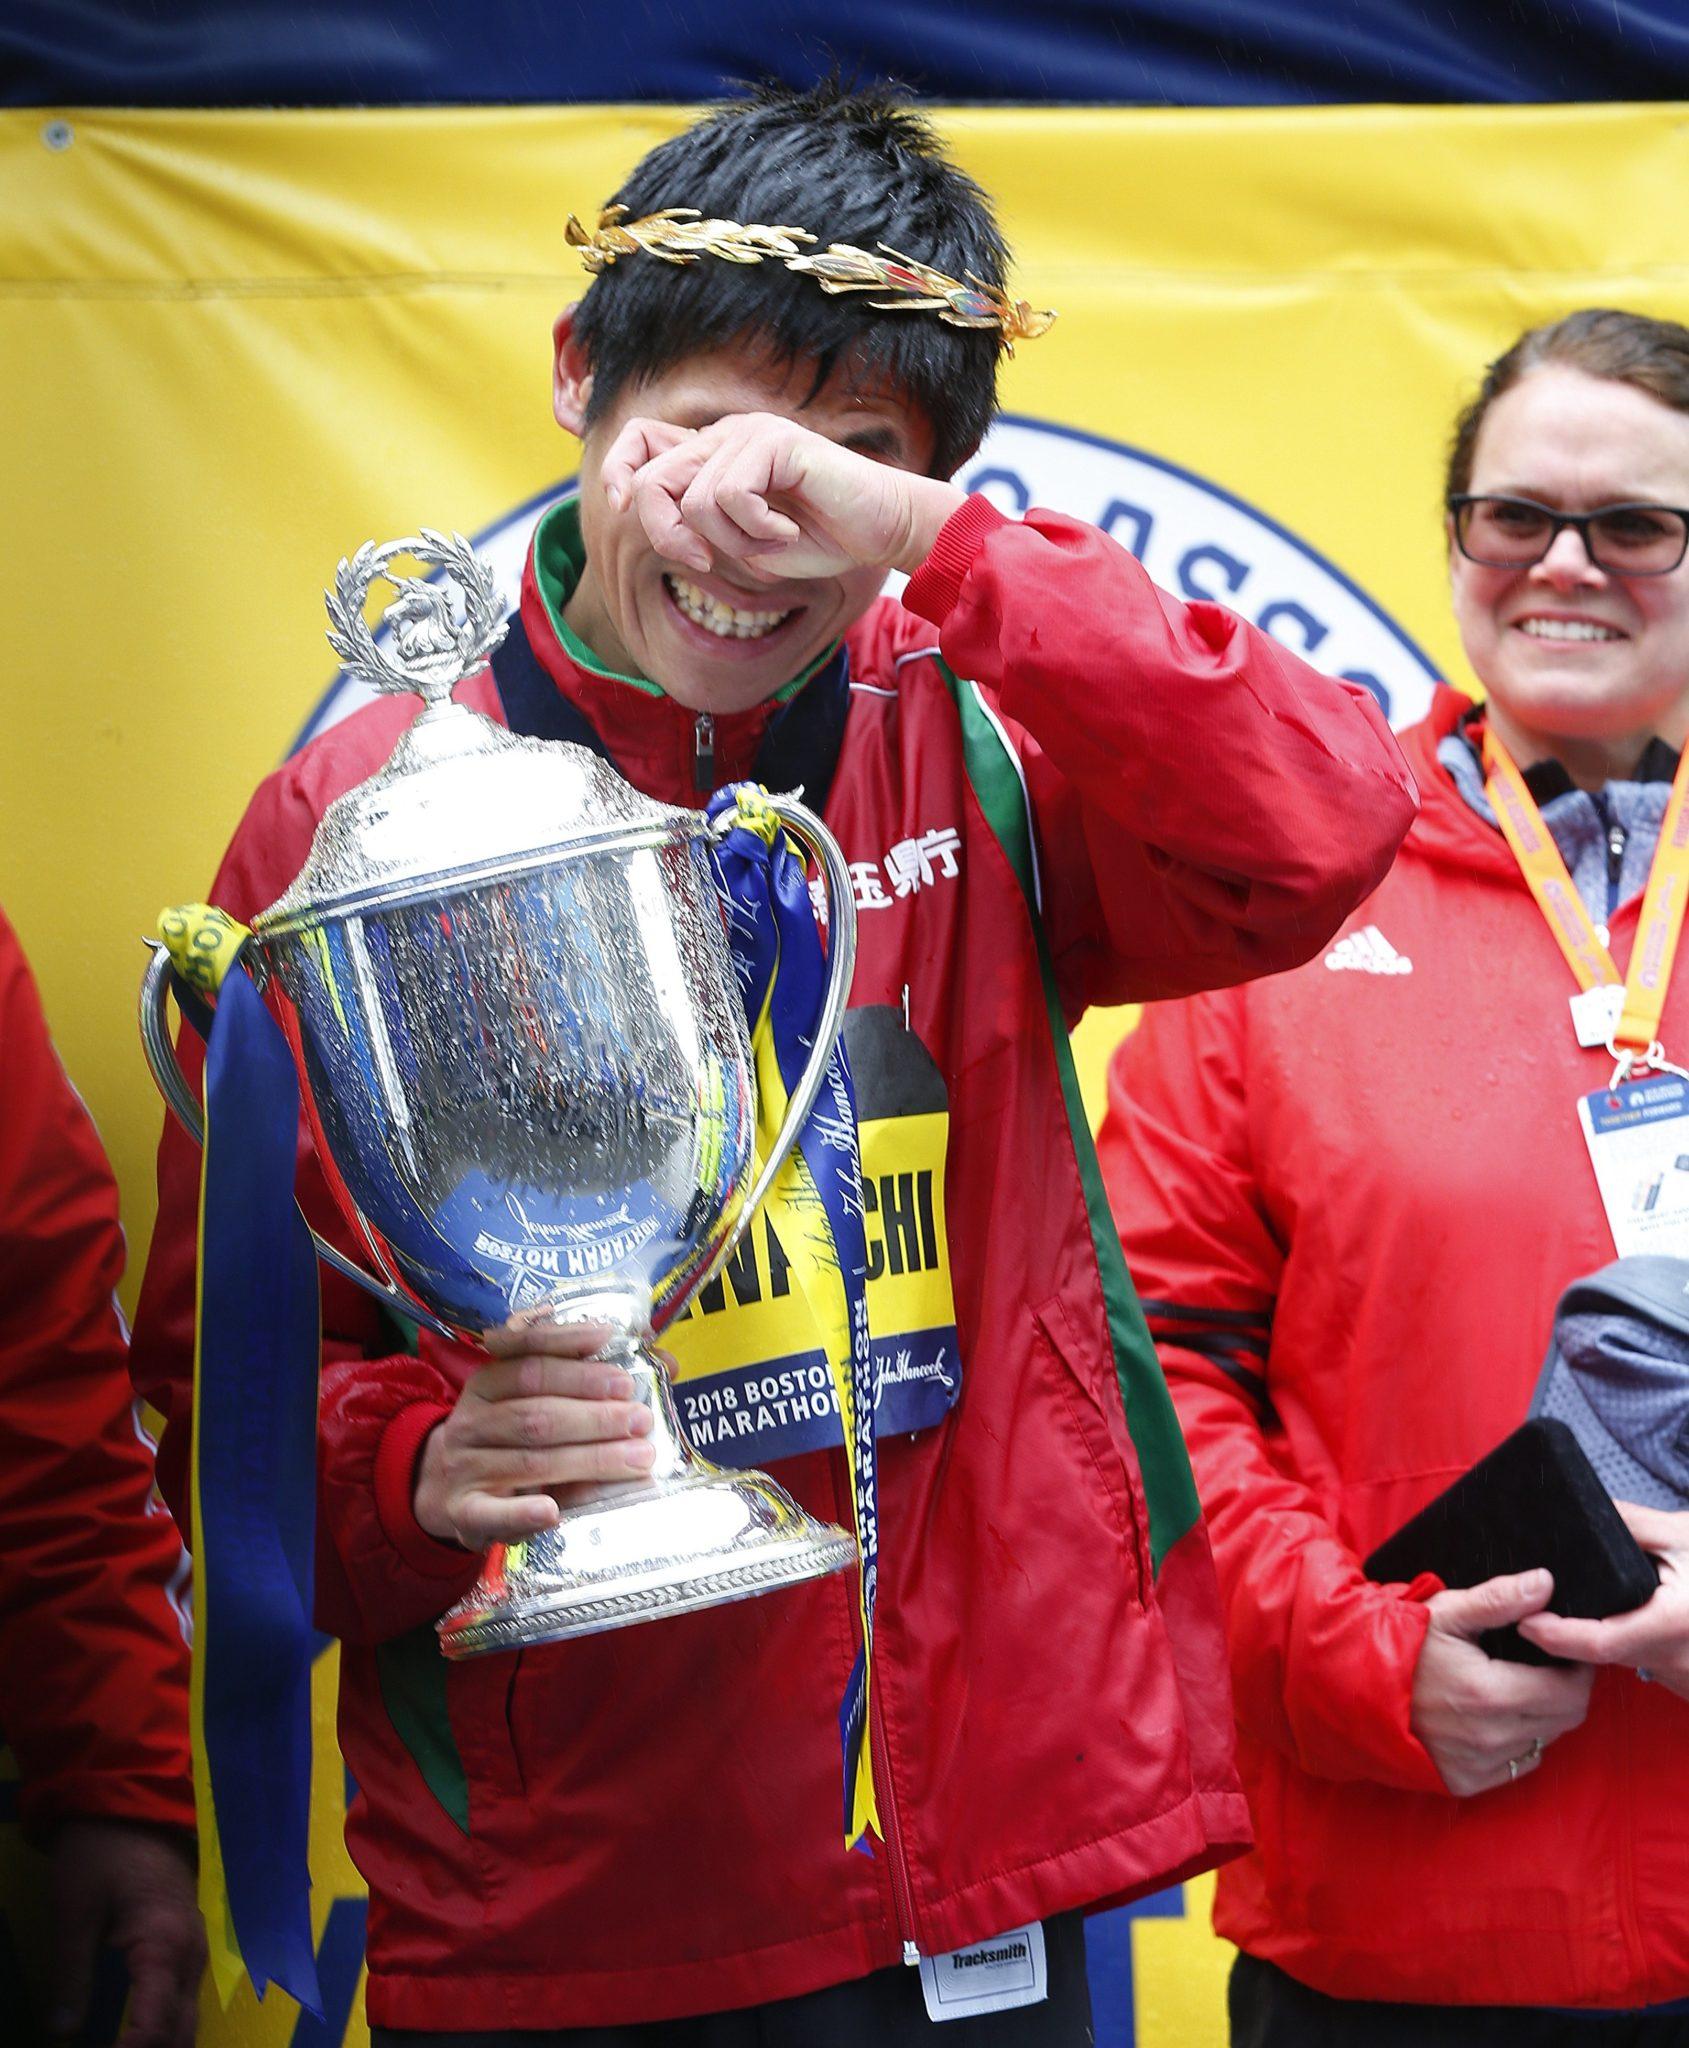 Stany Zjednoczone, Boston: Yuki Kawauchi z Japonii świętuje zwycięstwo wśród mężczyzn w 122. Bostońskim Maratonie, fot: CJ Gunther, PAP/EPA